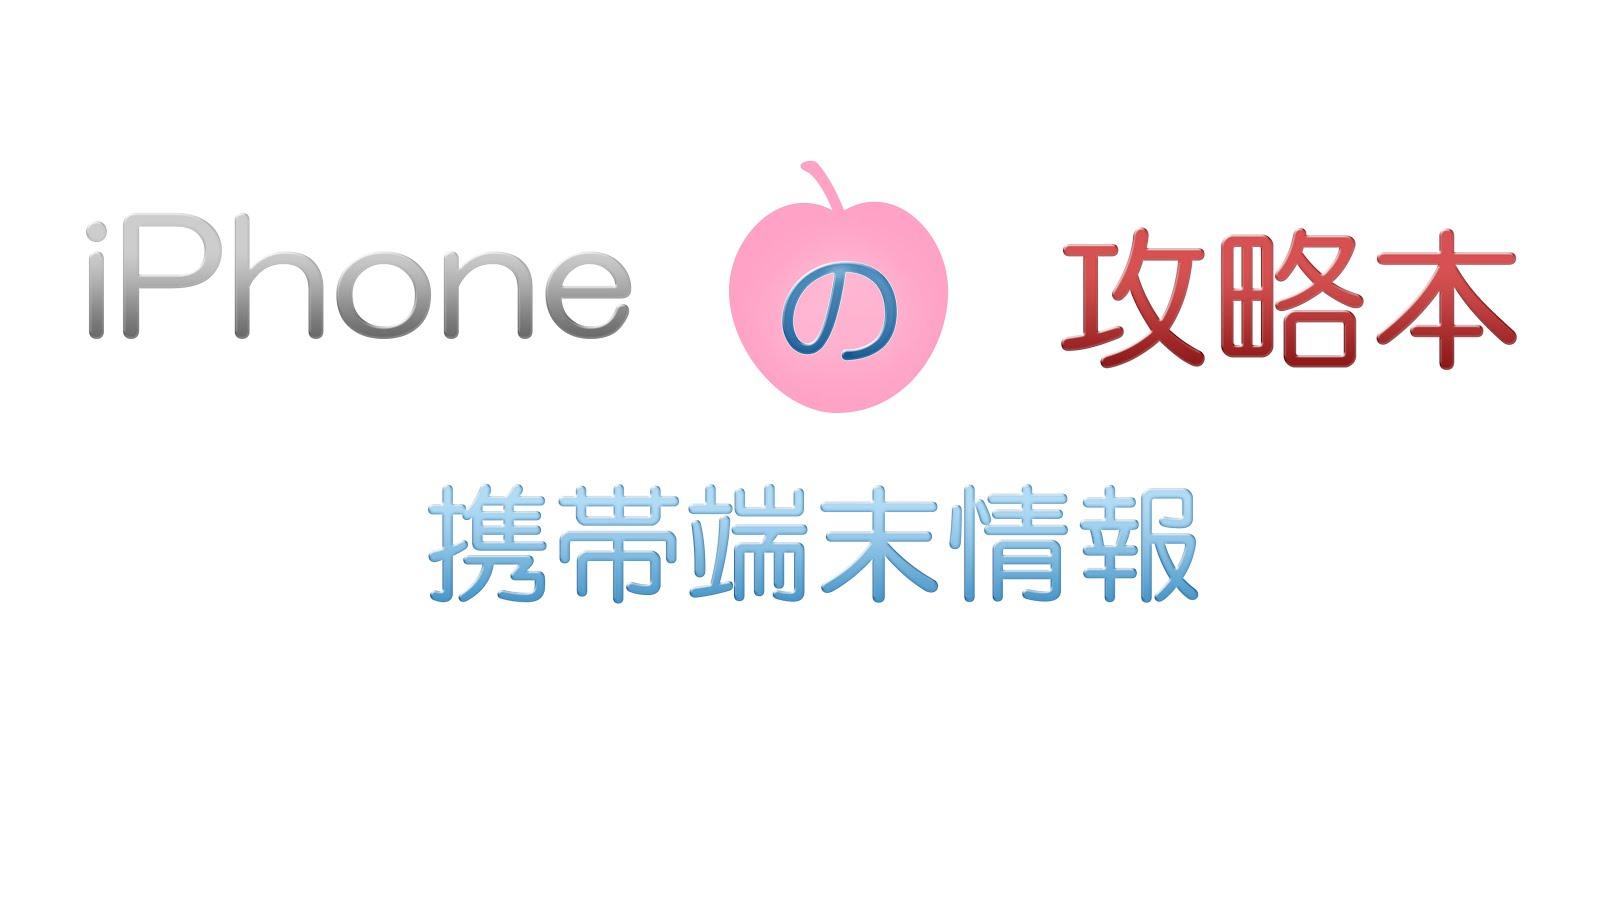 iPhoneの攻略本-携帯端末情報-